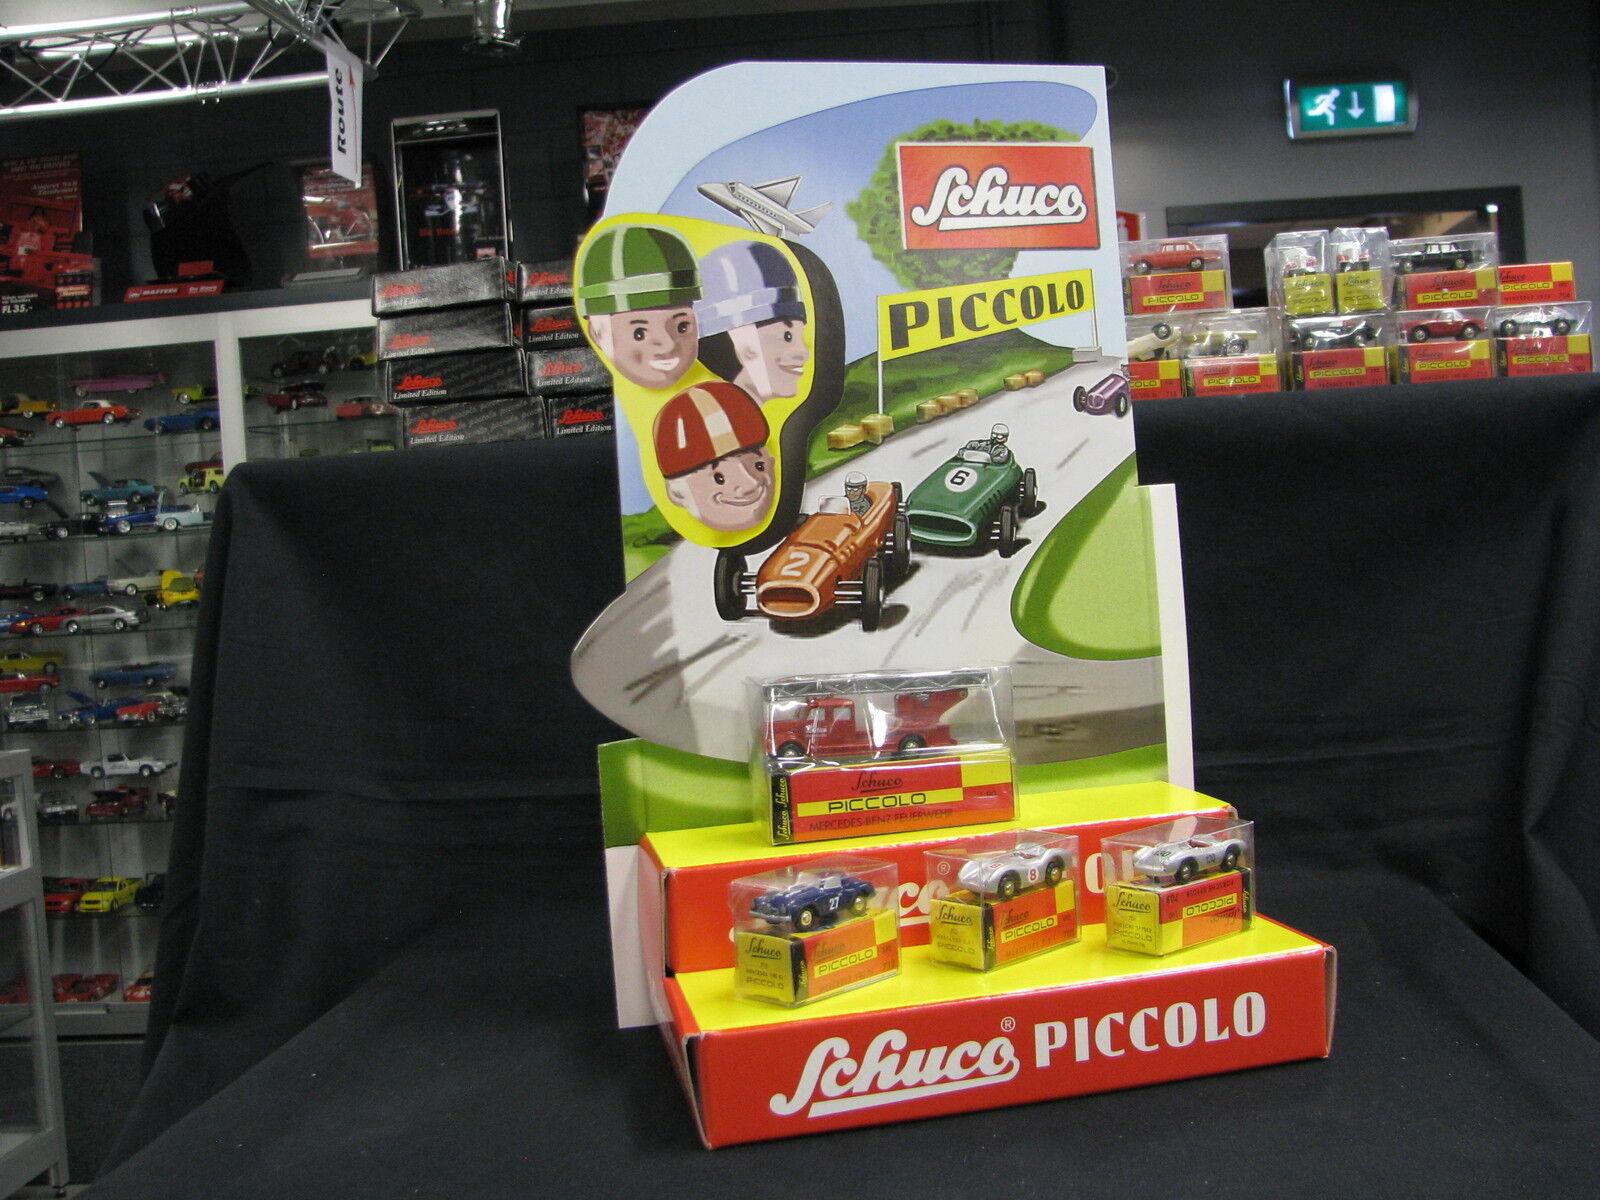 Con precio barato para obtener la mejor marca. Schuco Piccolo DisJugar with with with 4 models 3x Mercedes-Benz   1x Porsche (JS)  nuevo listado